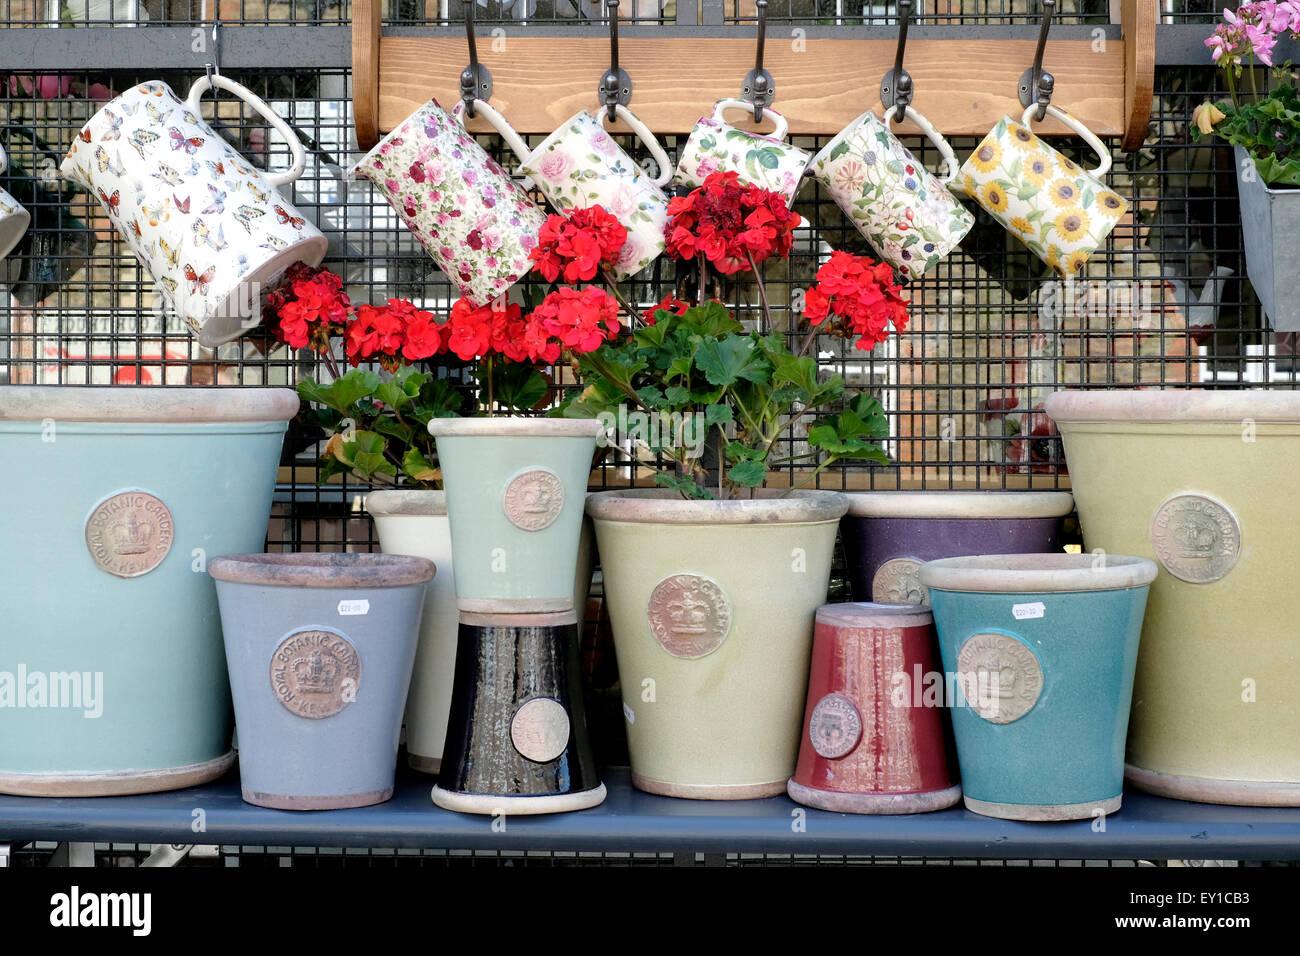 Les accessoires de jardin en exposition dans un magasin, Columbia Road Flower Market Photo Stock